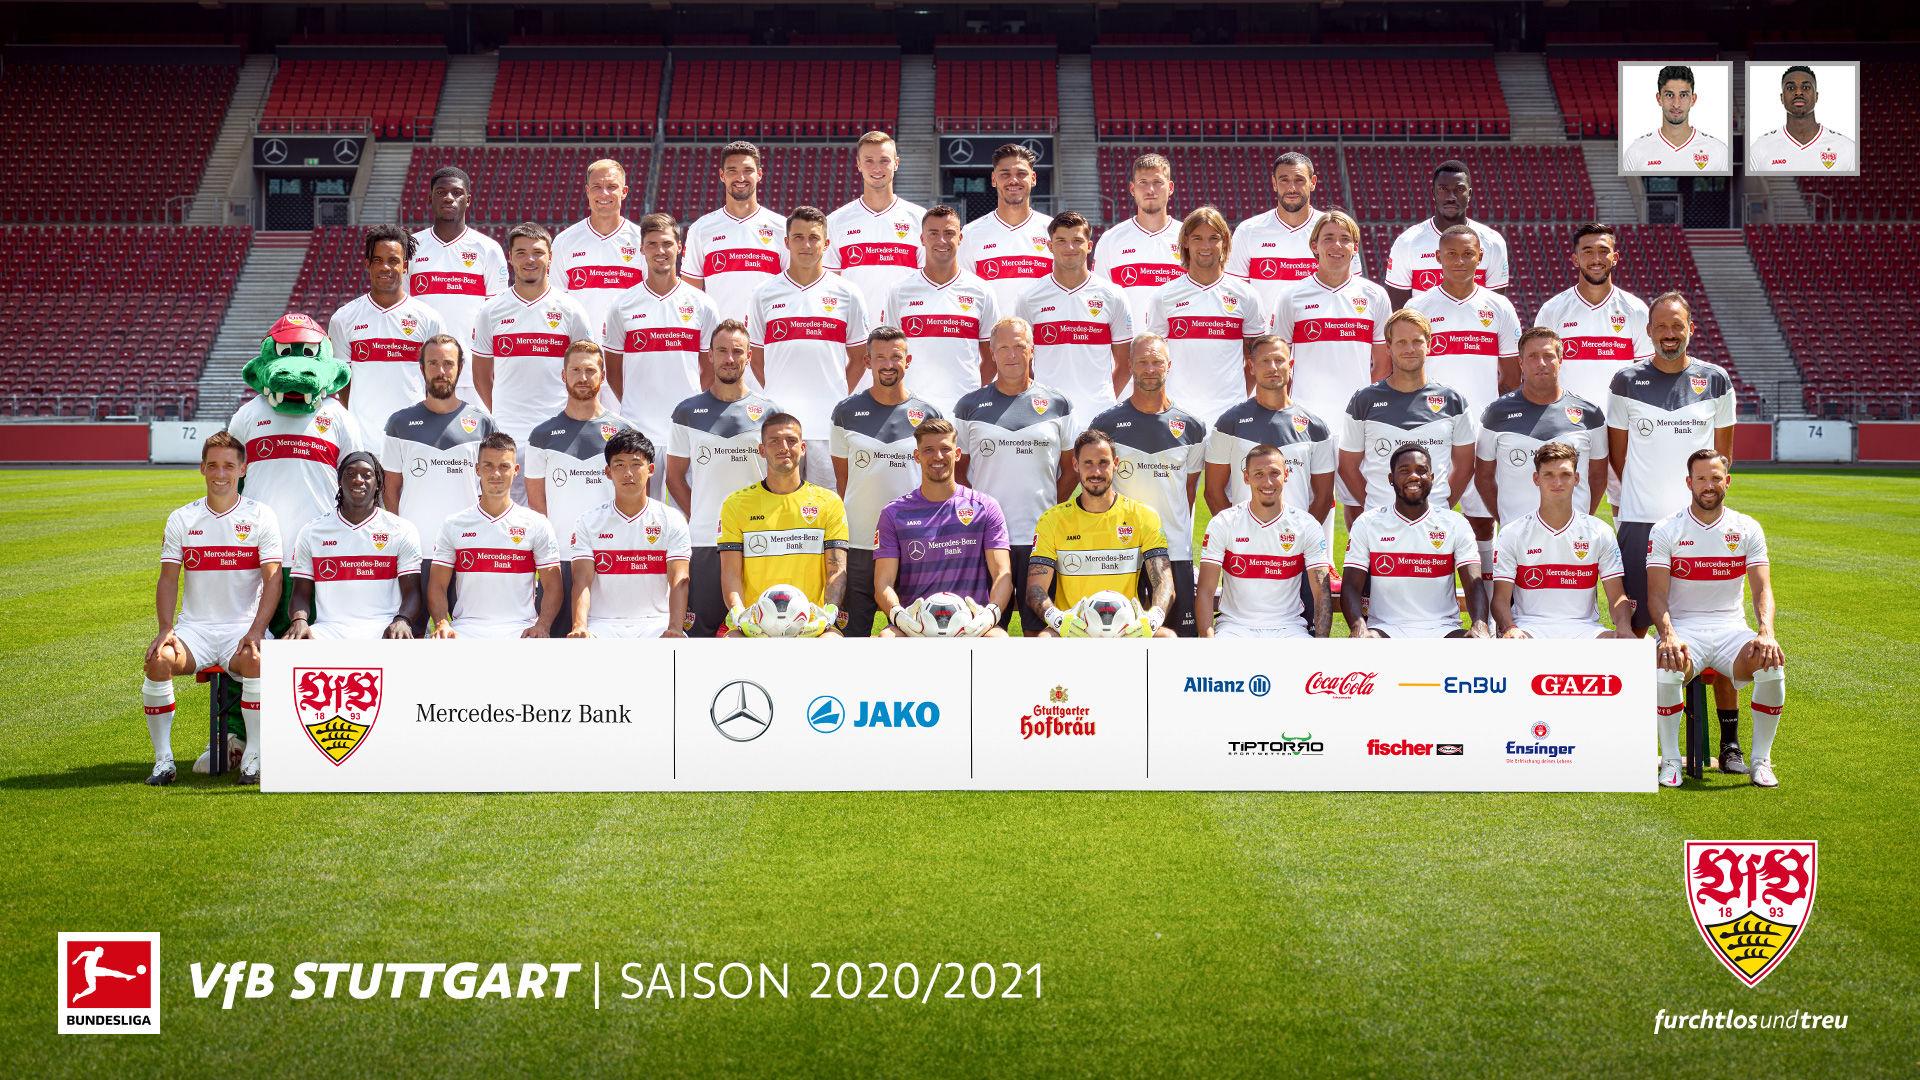 Kader Vfb Stuttgart 2021